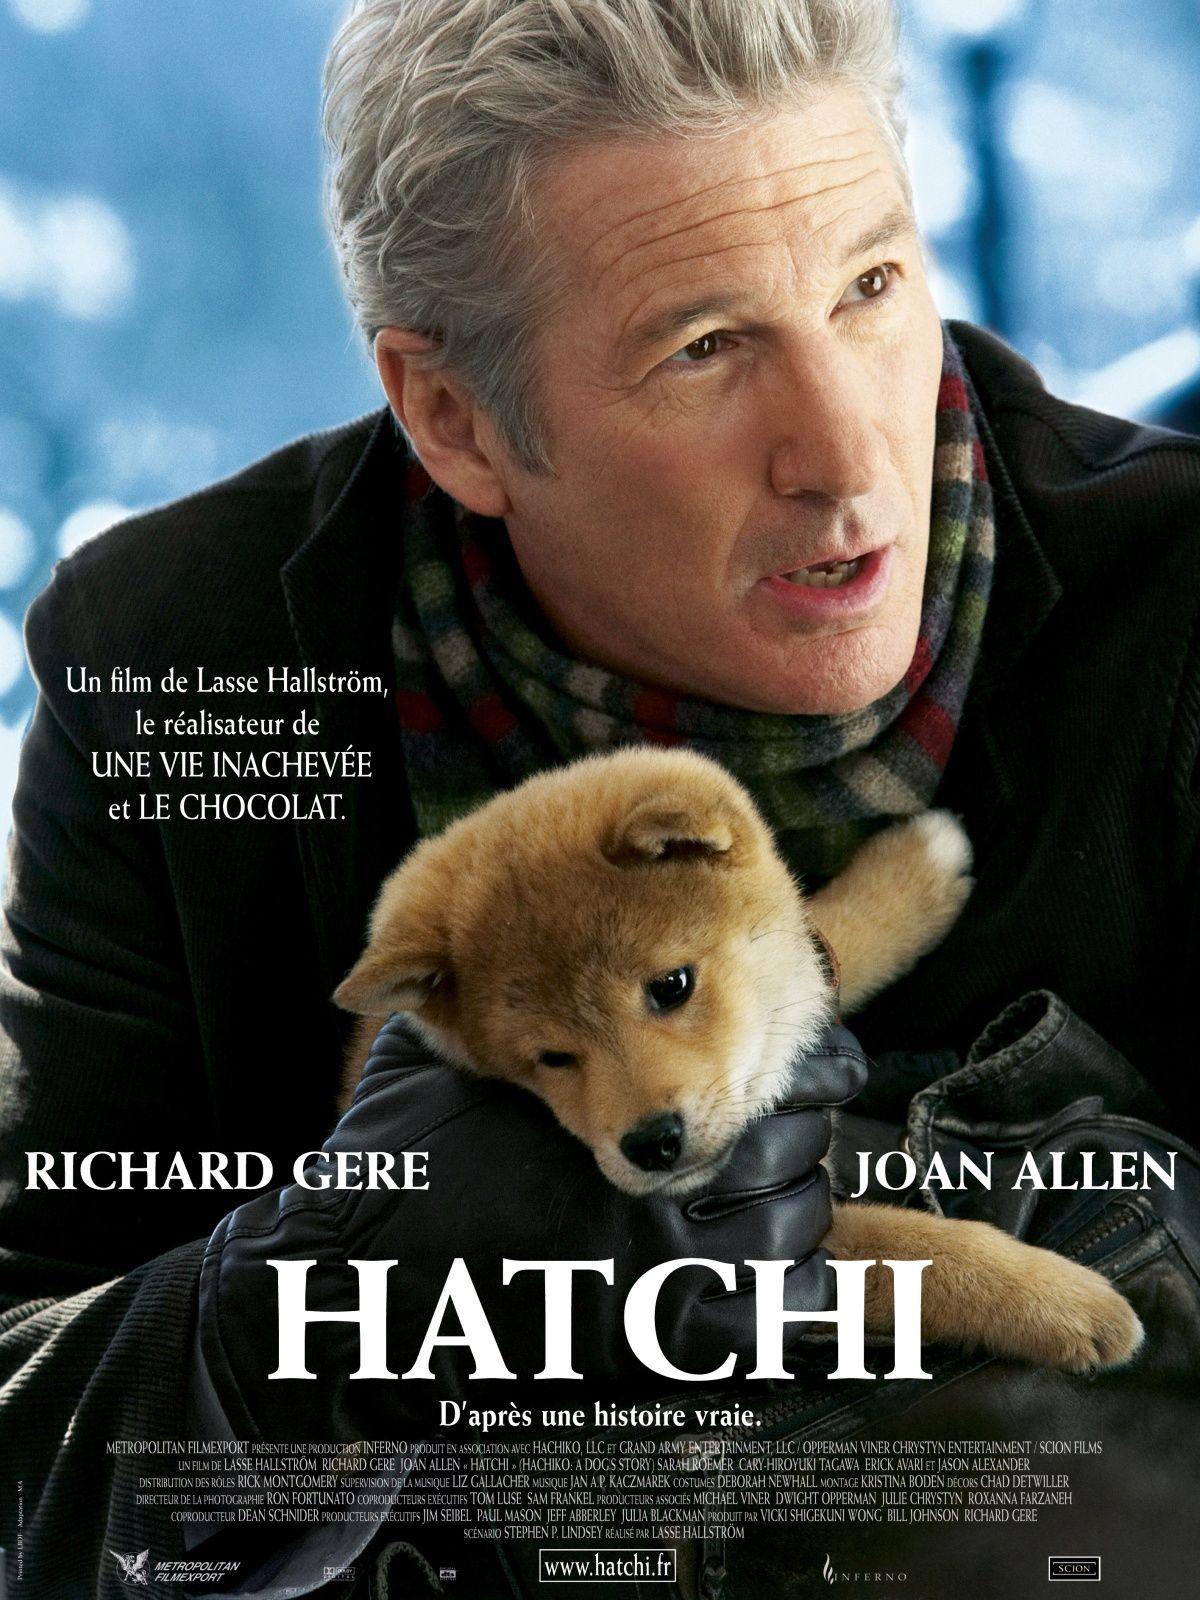 Hatchi avec Richard Gere L'histoire d'un chien qui est